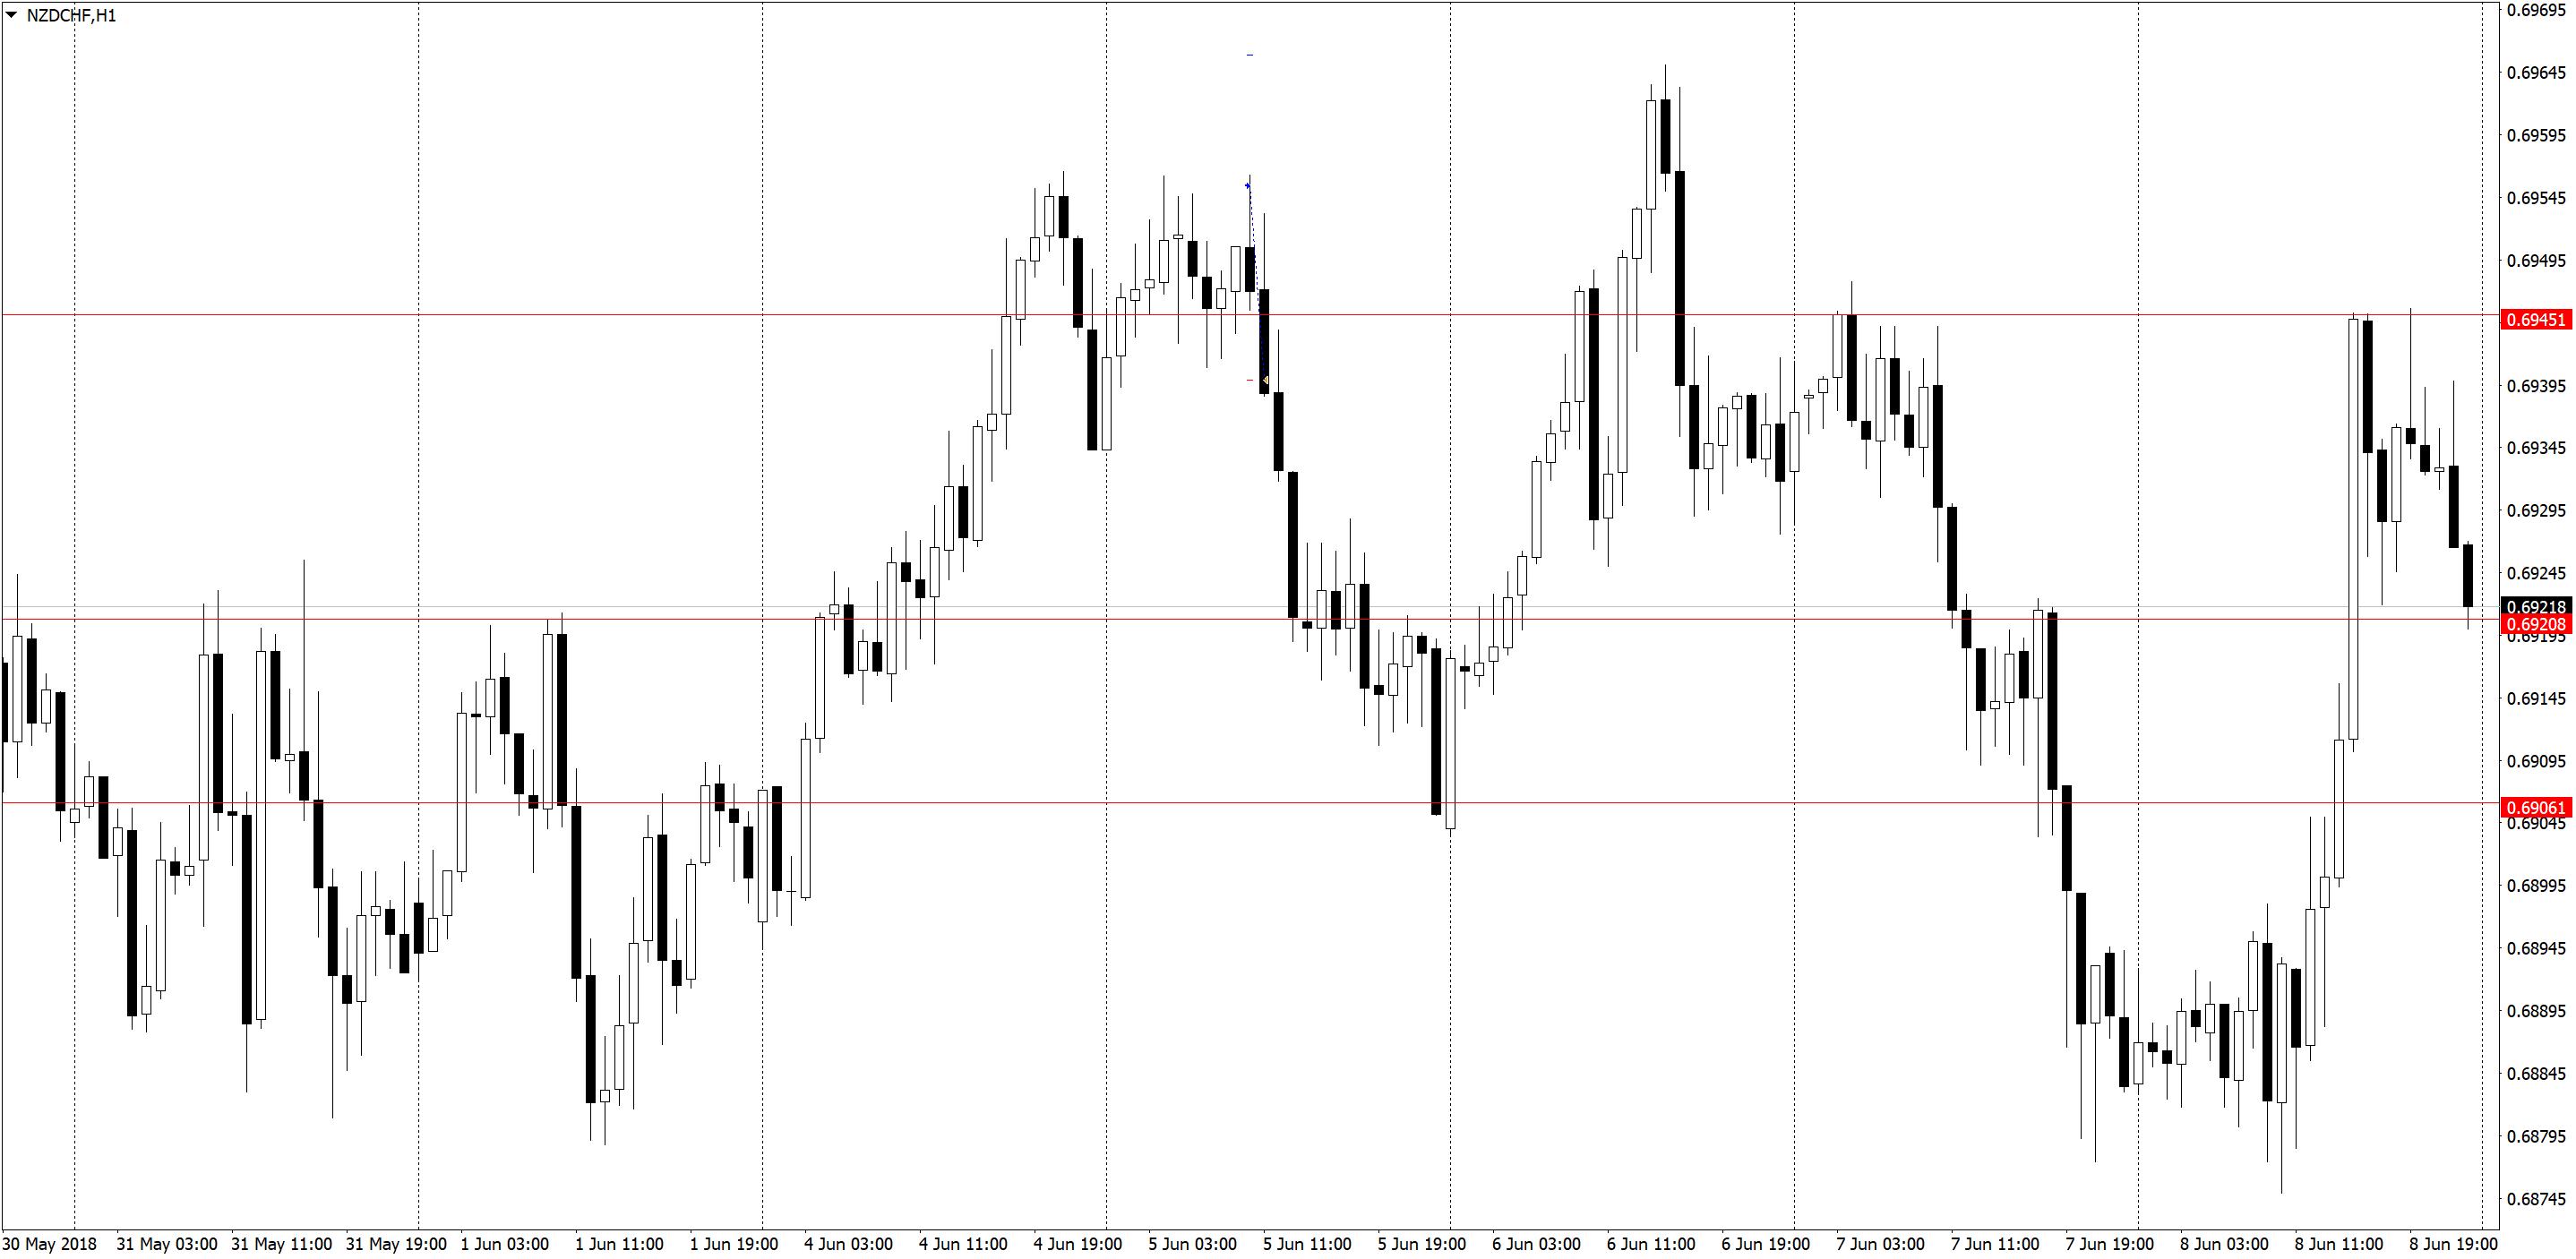 NZDCHFH1 2 Торговля по H1, трейдинг в удовольствие, три состояния рынка